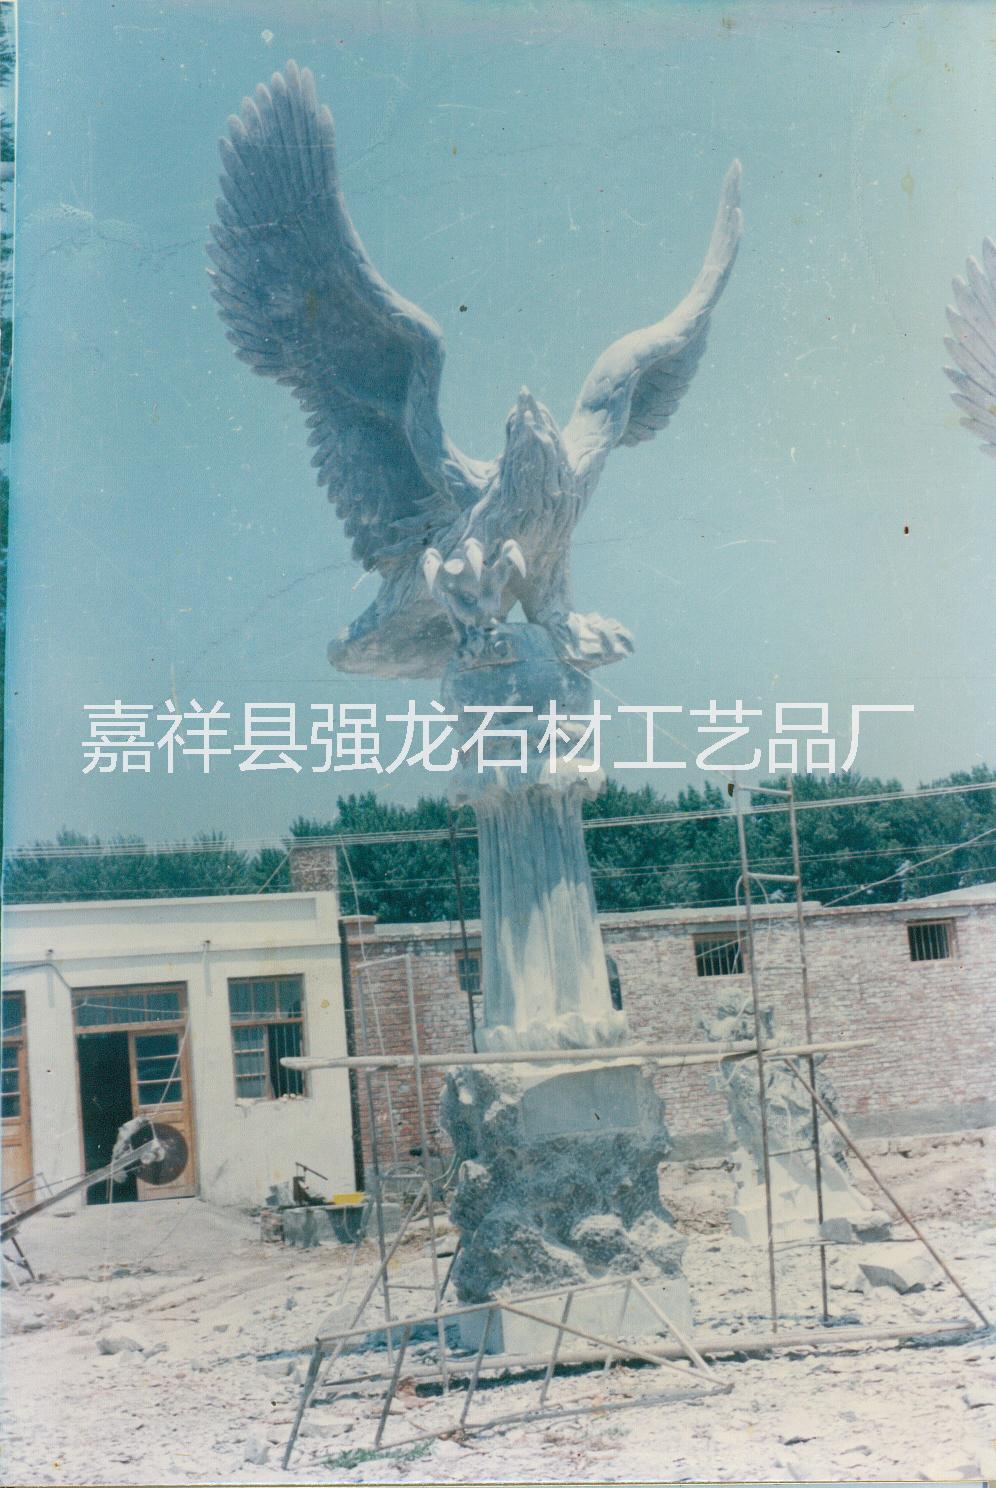 供应青石石鹰、青石大鹏、青石大雕、青石石雕、石雕石鹰、石鹰厂家、石鹰青石笔筒